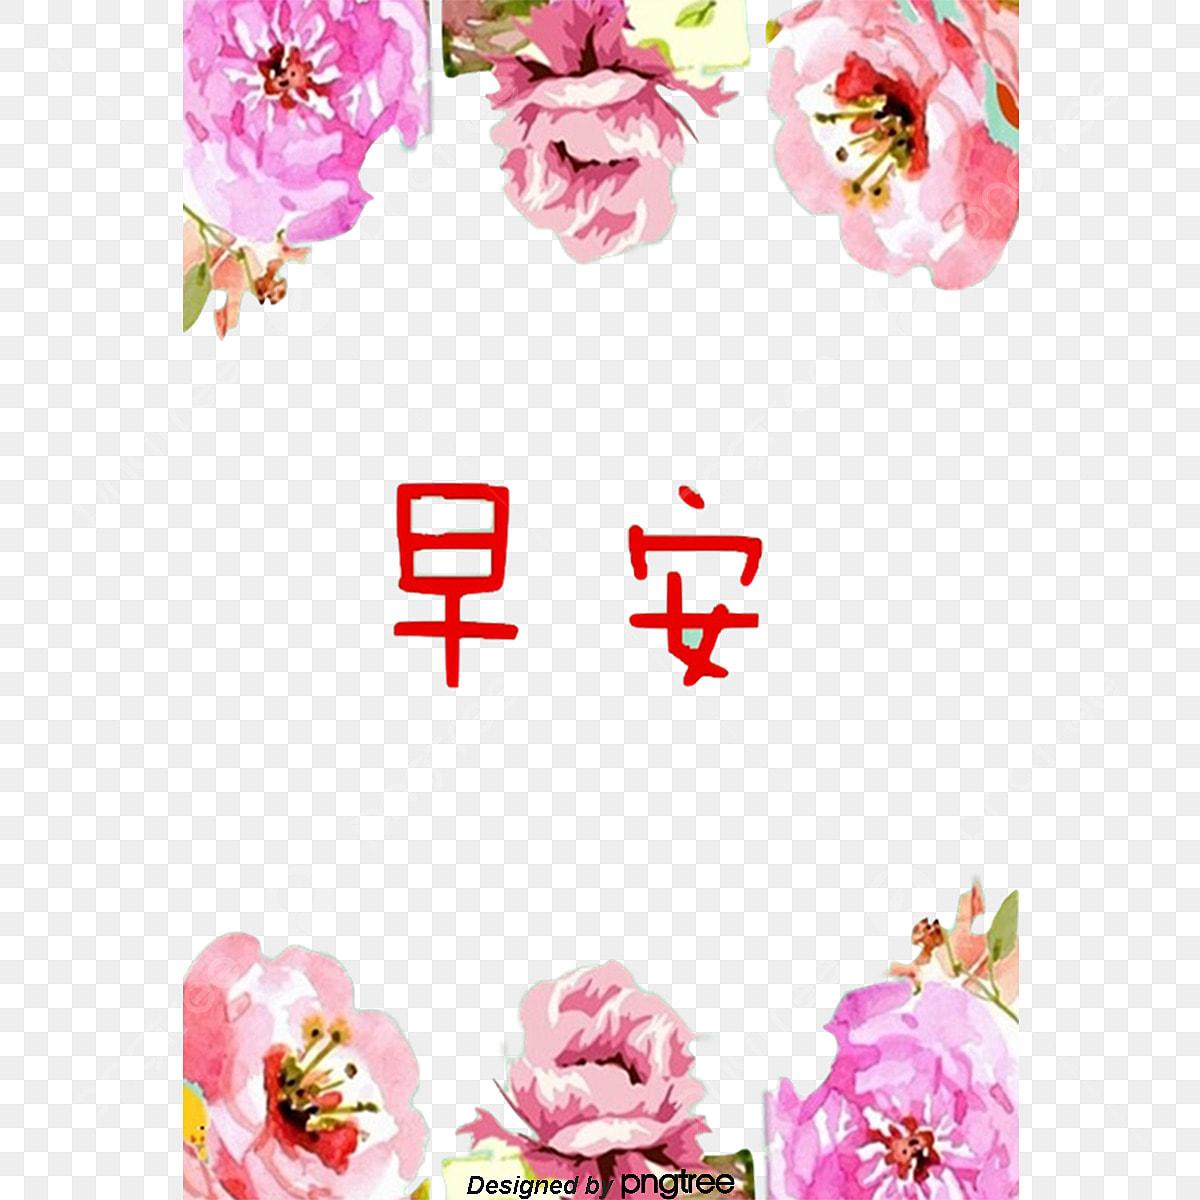 Rose Guten Morgen Guten Morgen Schrift Guten Morgen Font